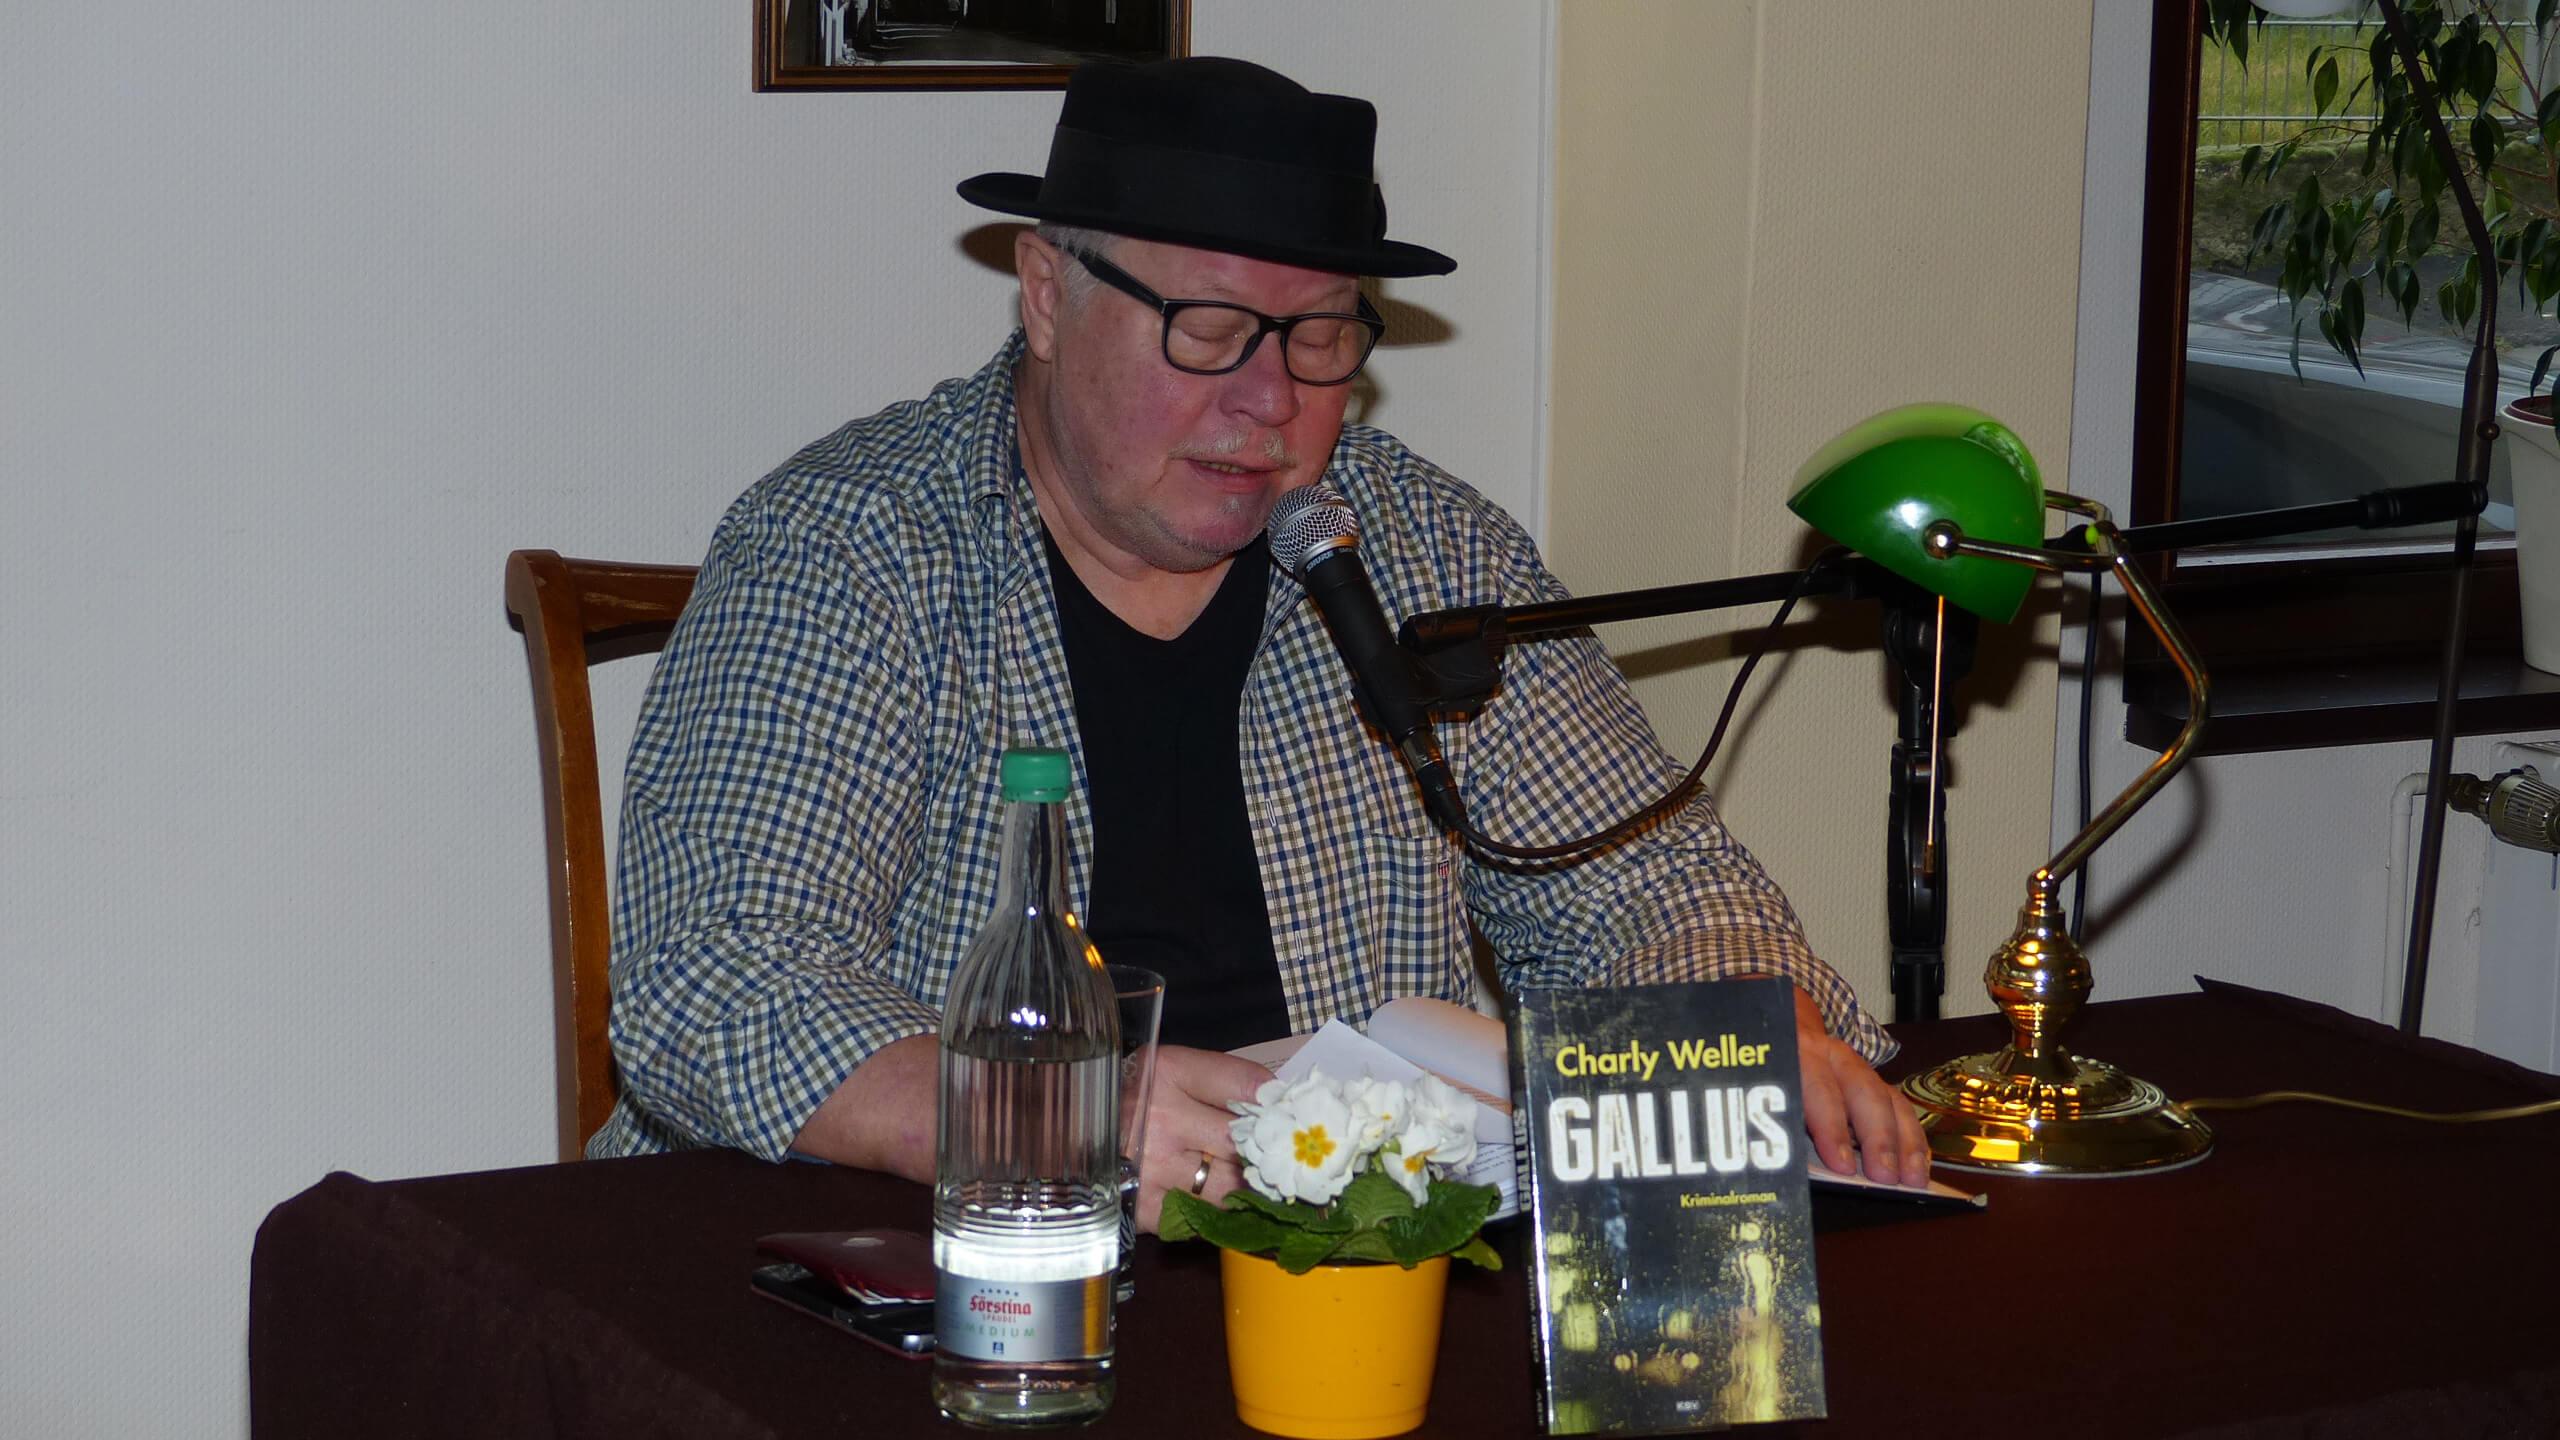 """Charly Weller mit seinem Buch """"Gallus"""" bei der Lesung im Kirchlein"""